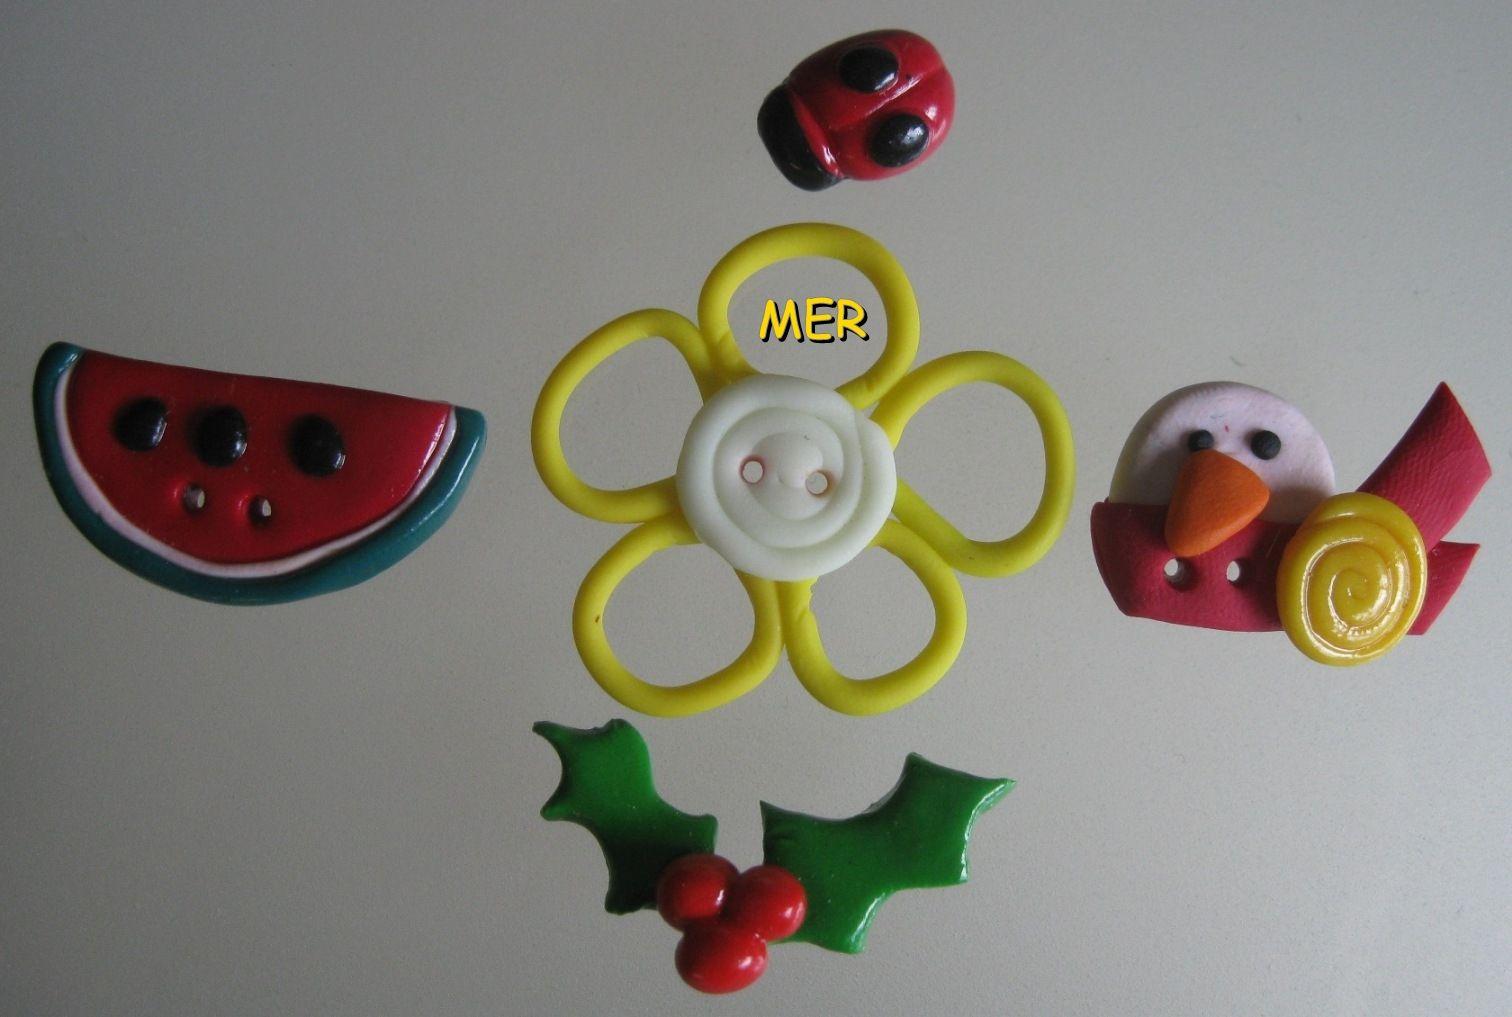 Colección de Mer Saucedo.